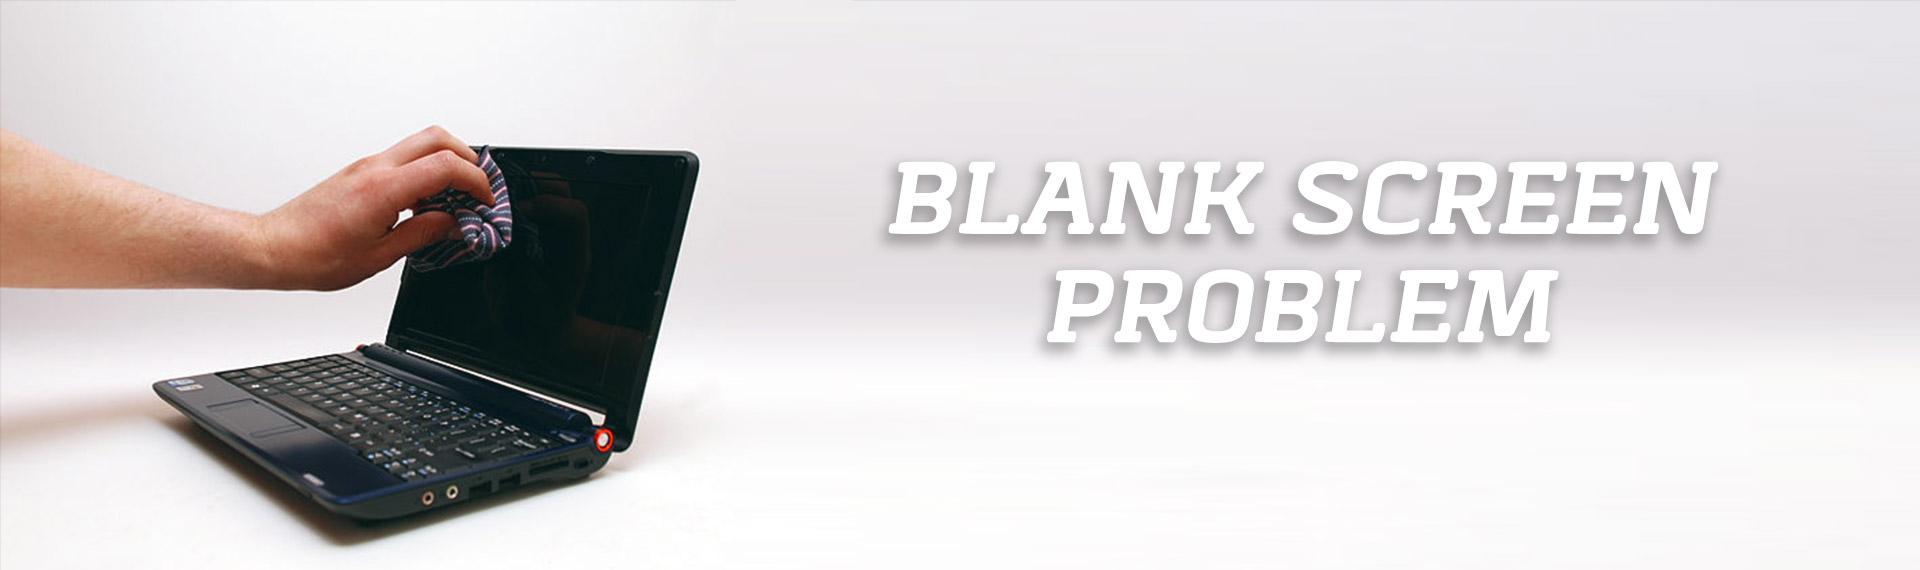 6 Cara Mengatasi Layar Laptop Gelap Saat Dinyalakan Charger Warna Warni Merk Hasan Sj0048 Blank